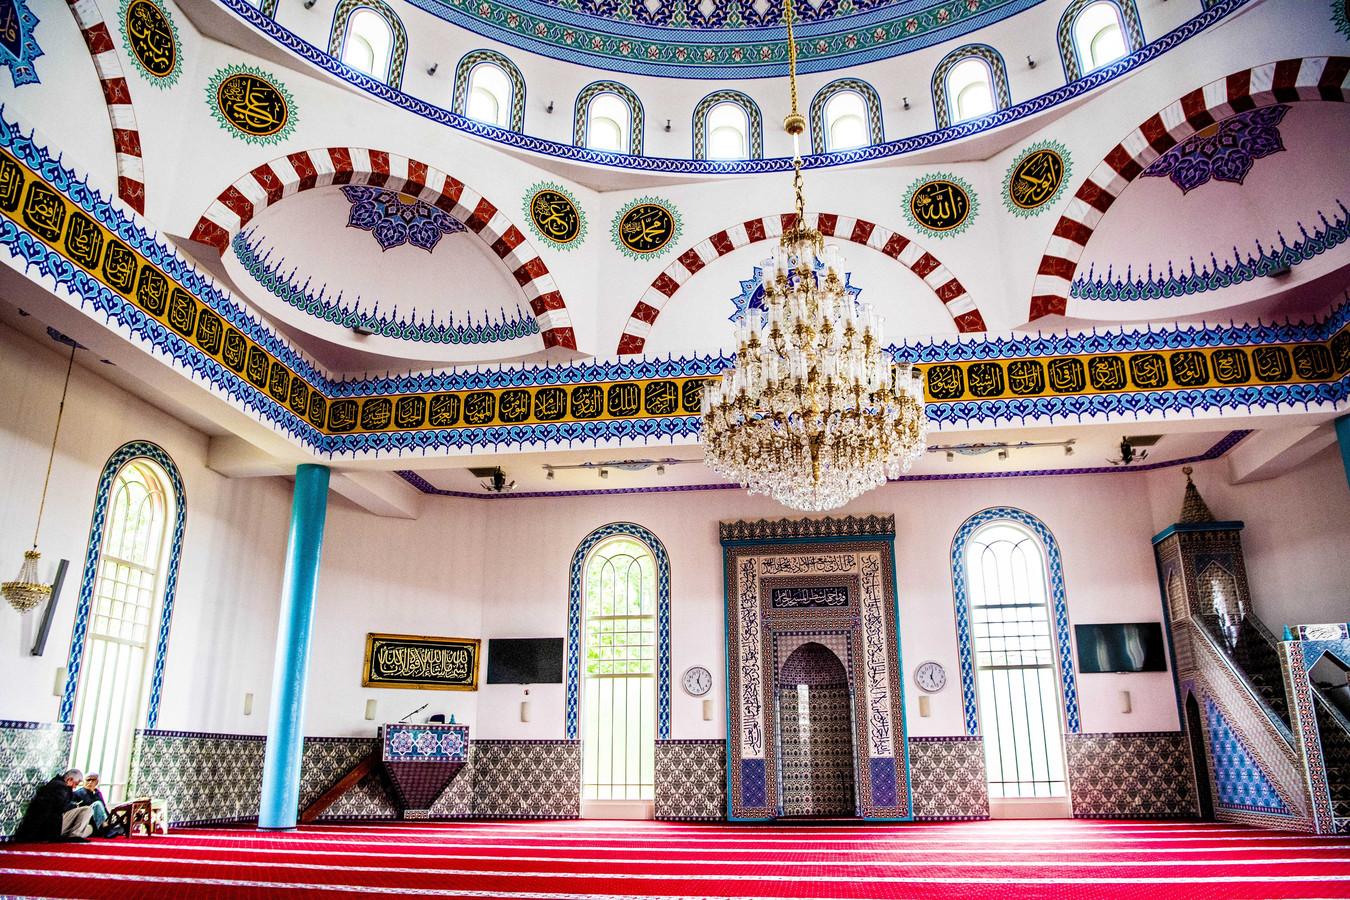 Foto ter illustratie. De gebedsruimte van de moskee Mevlana.